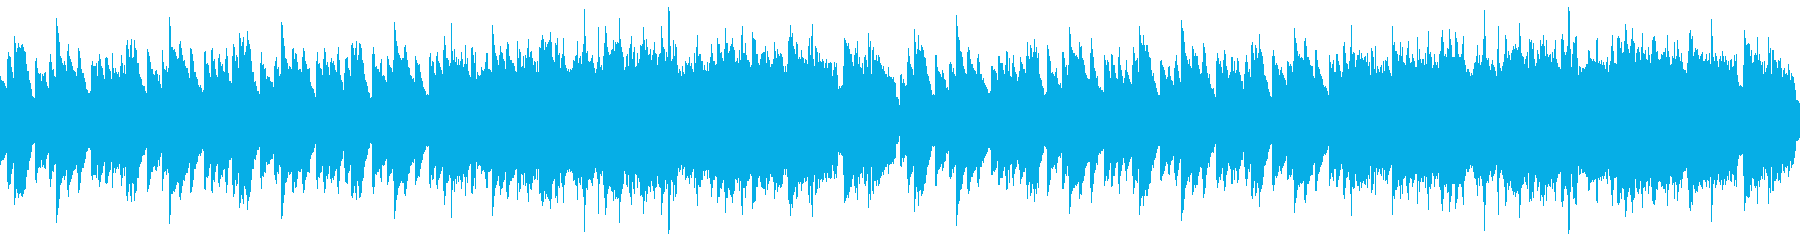 前向きになるピアノと弦とオーボエのループの再生済みの波形